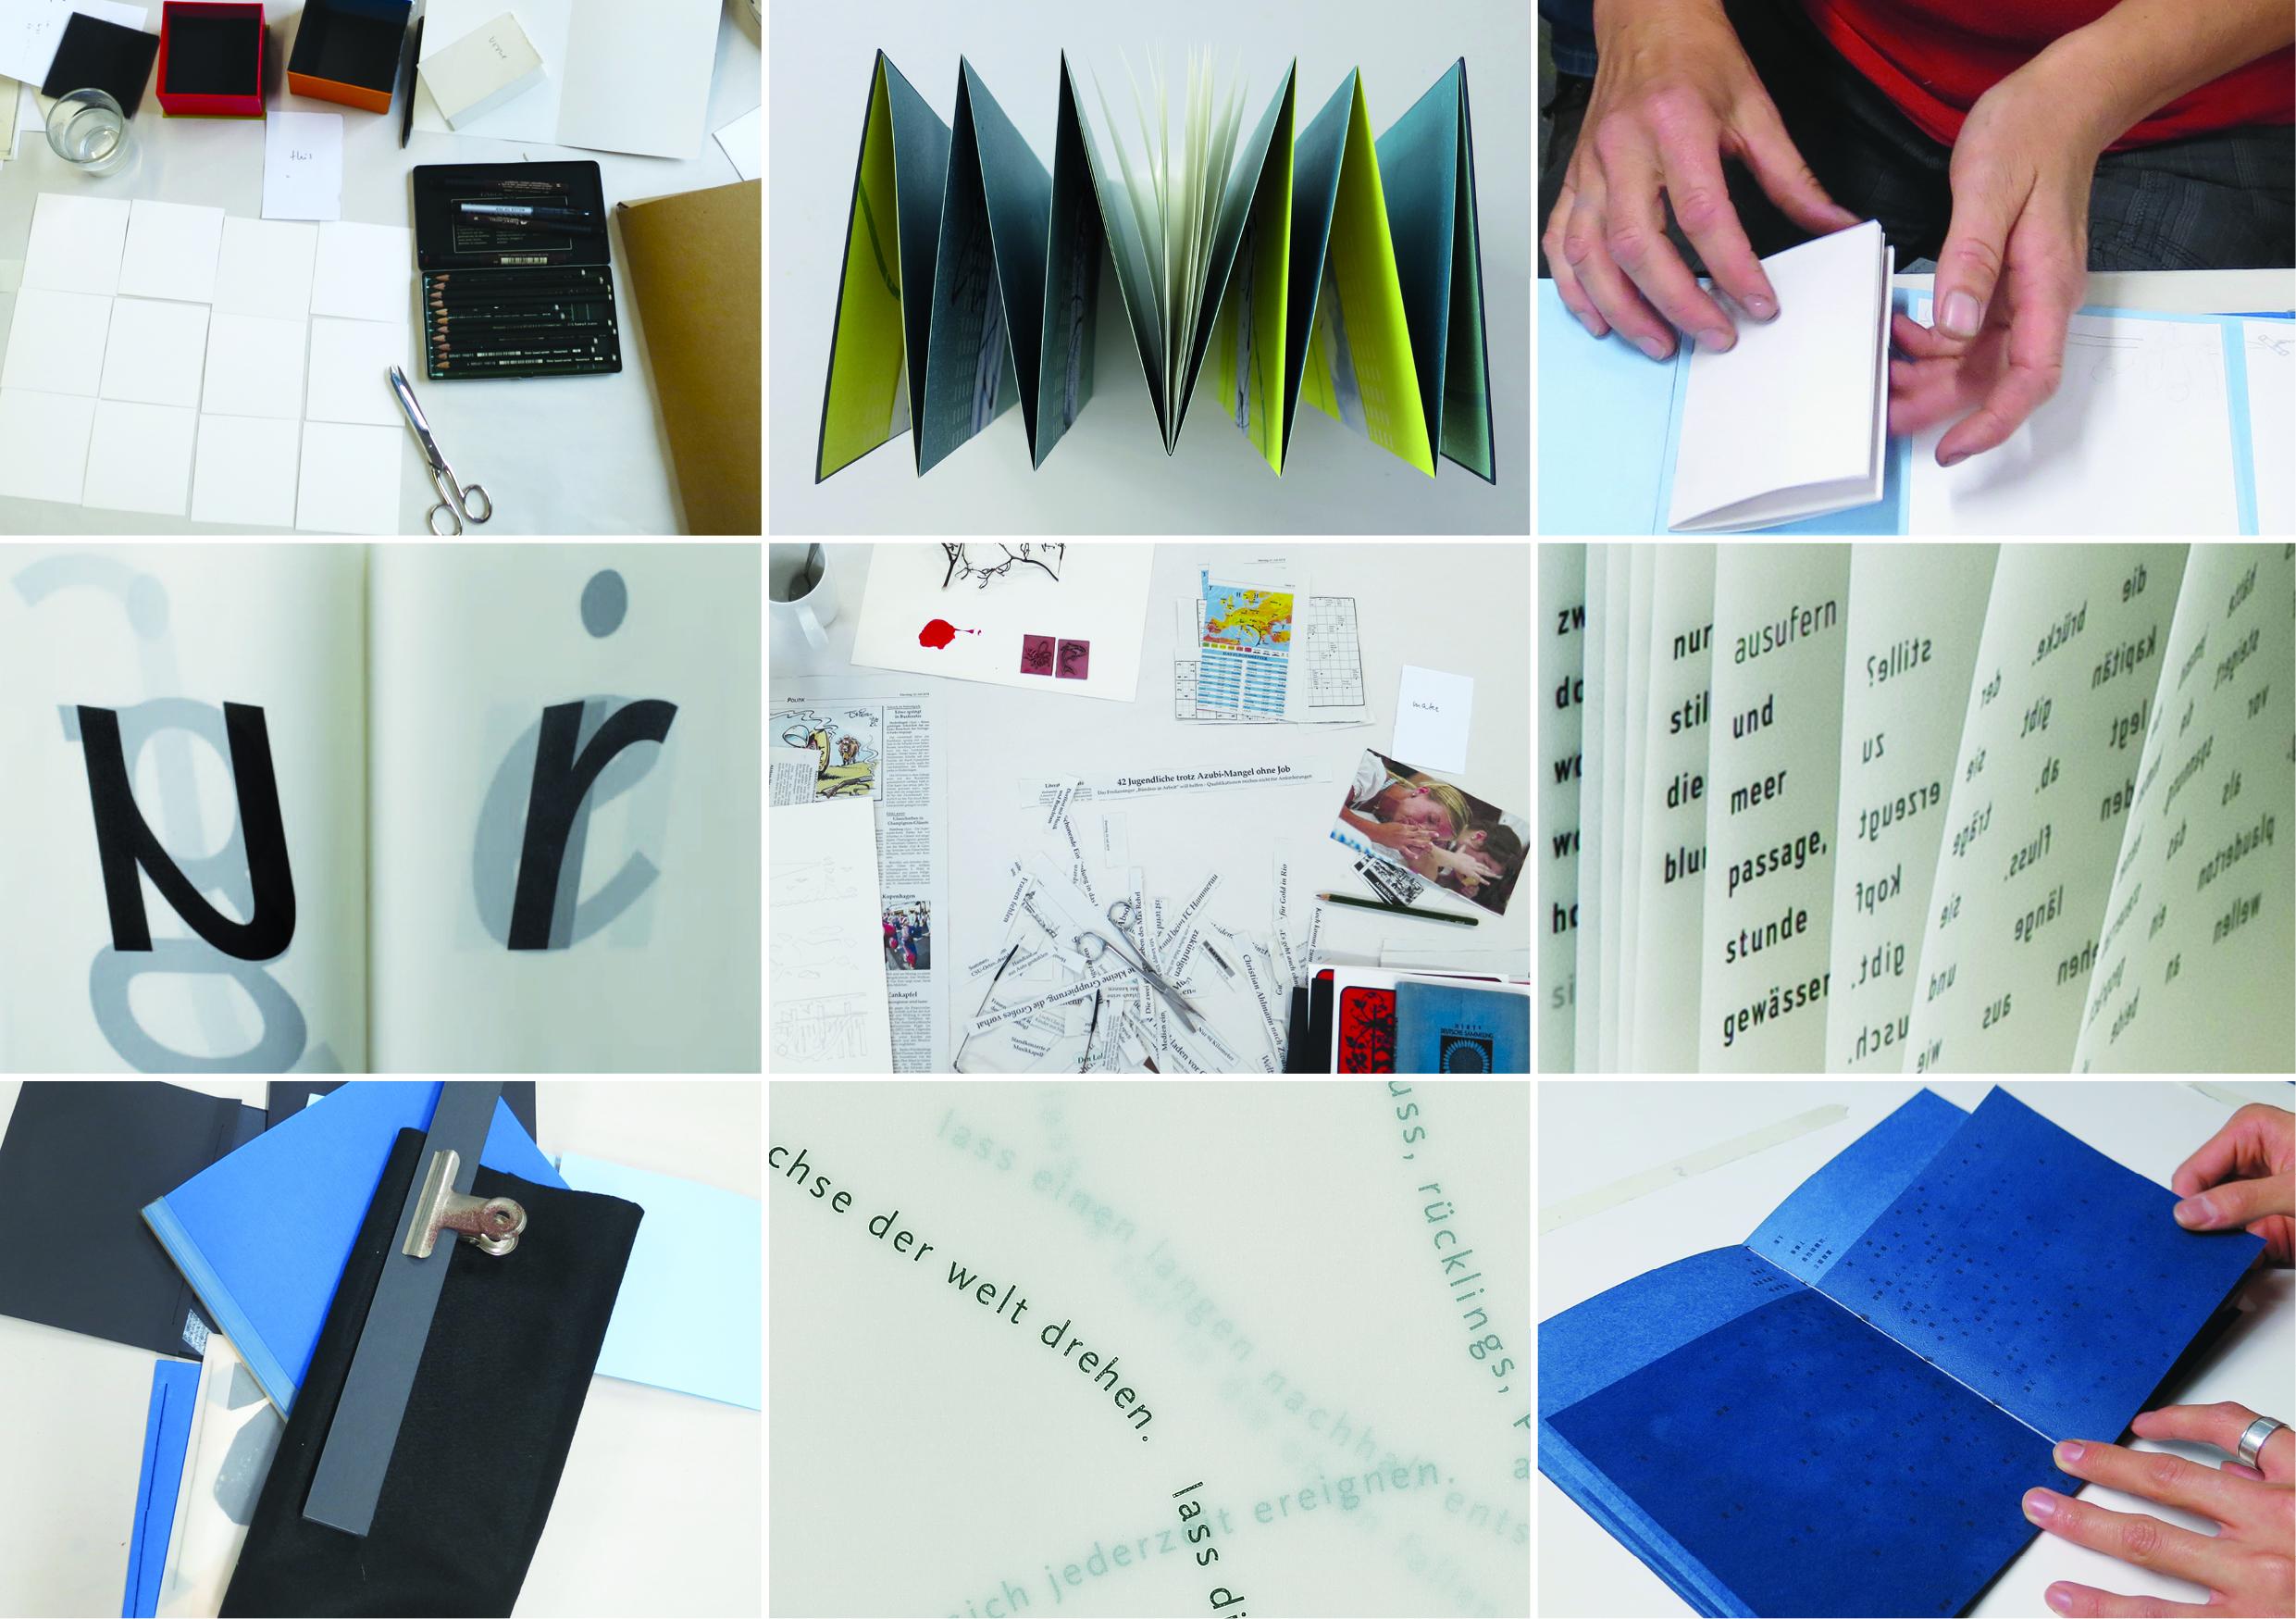 workshops_collage.jpg